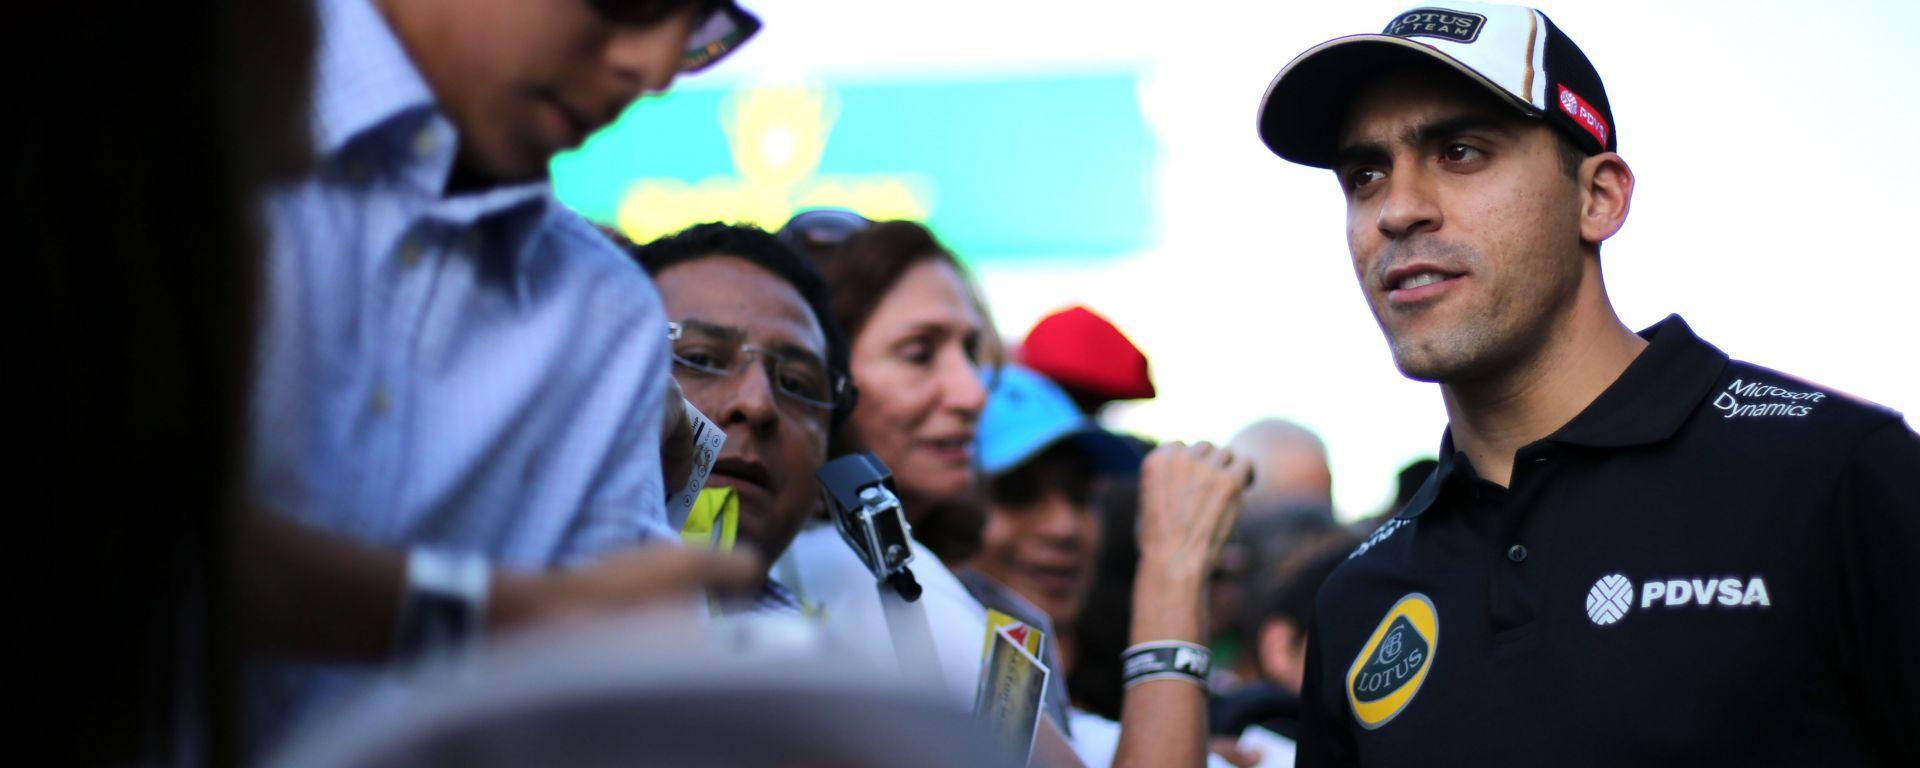 F1 GP Messico 2015, Città del Messico: Pastor Maldonado (Lotus)